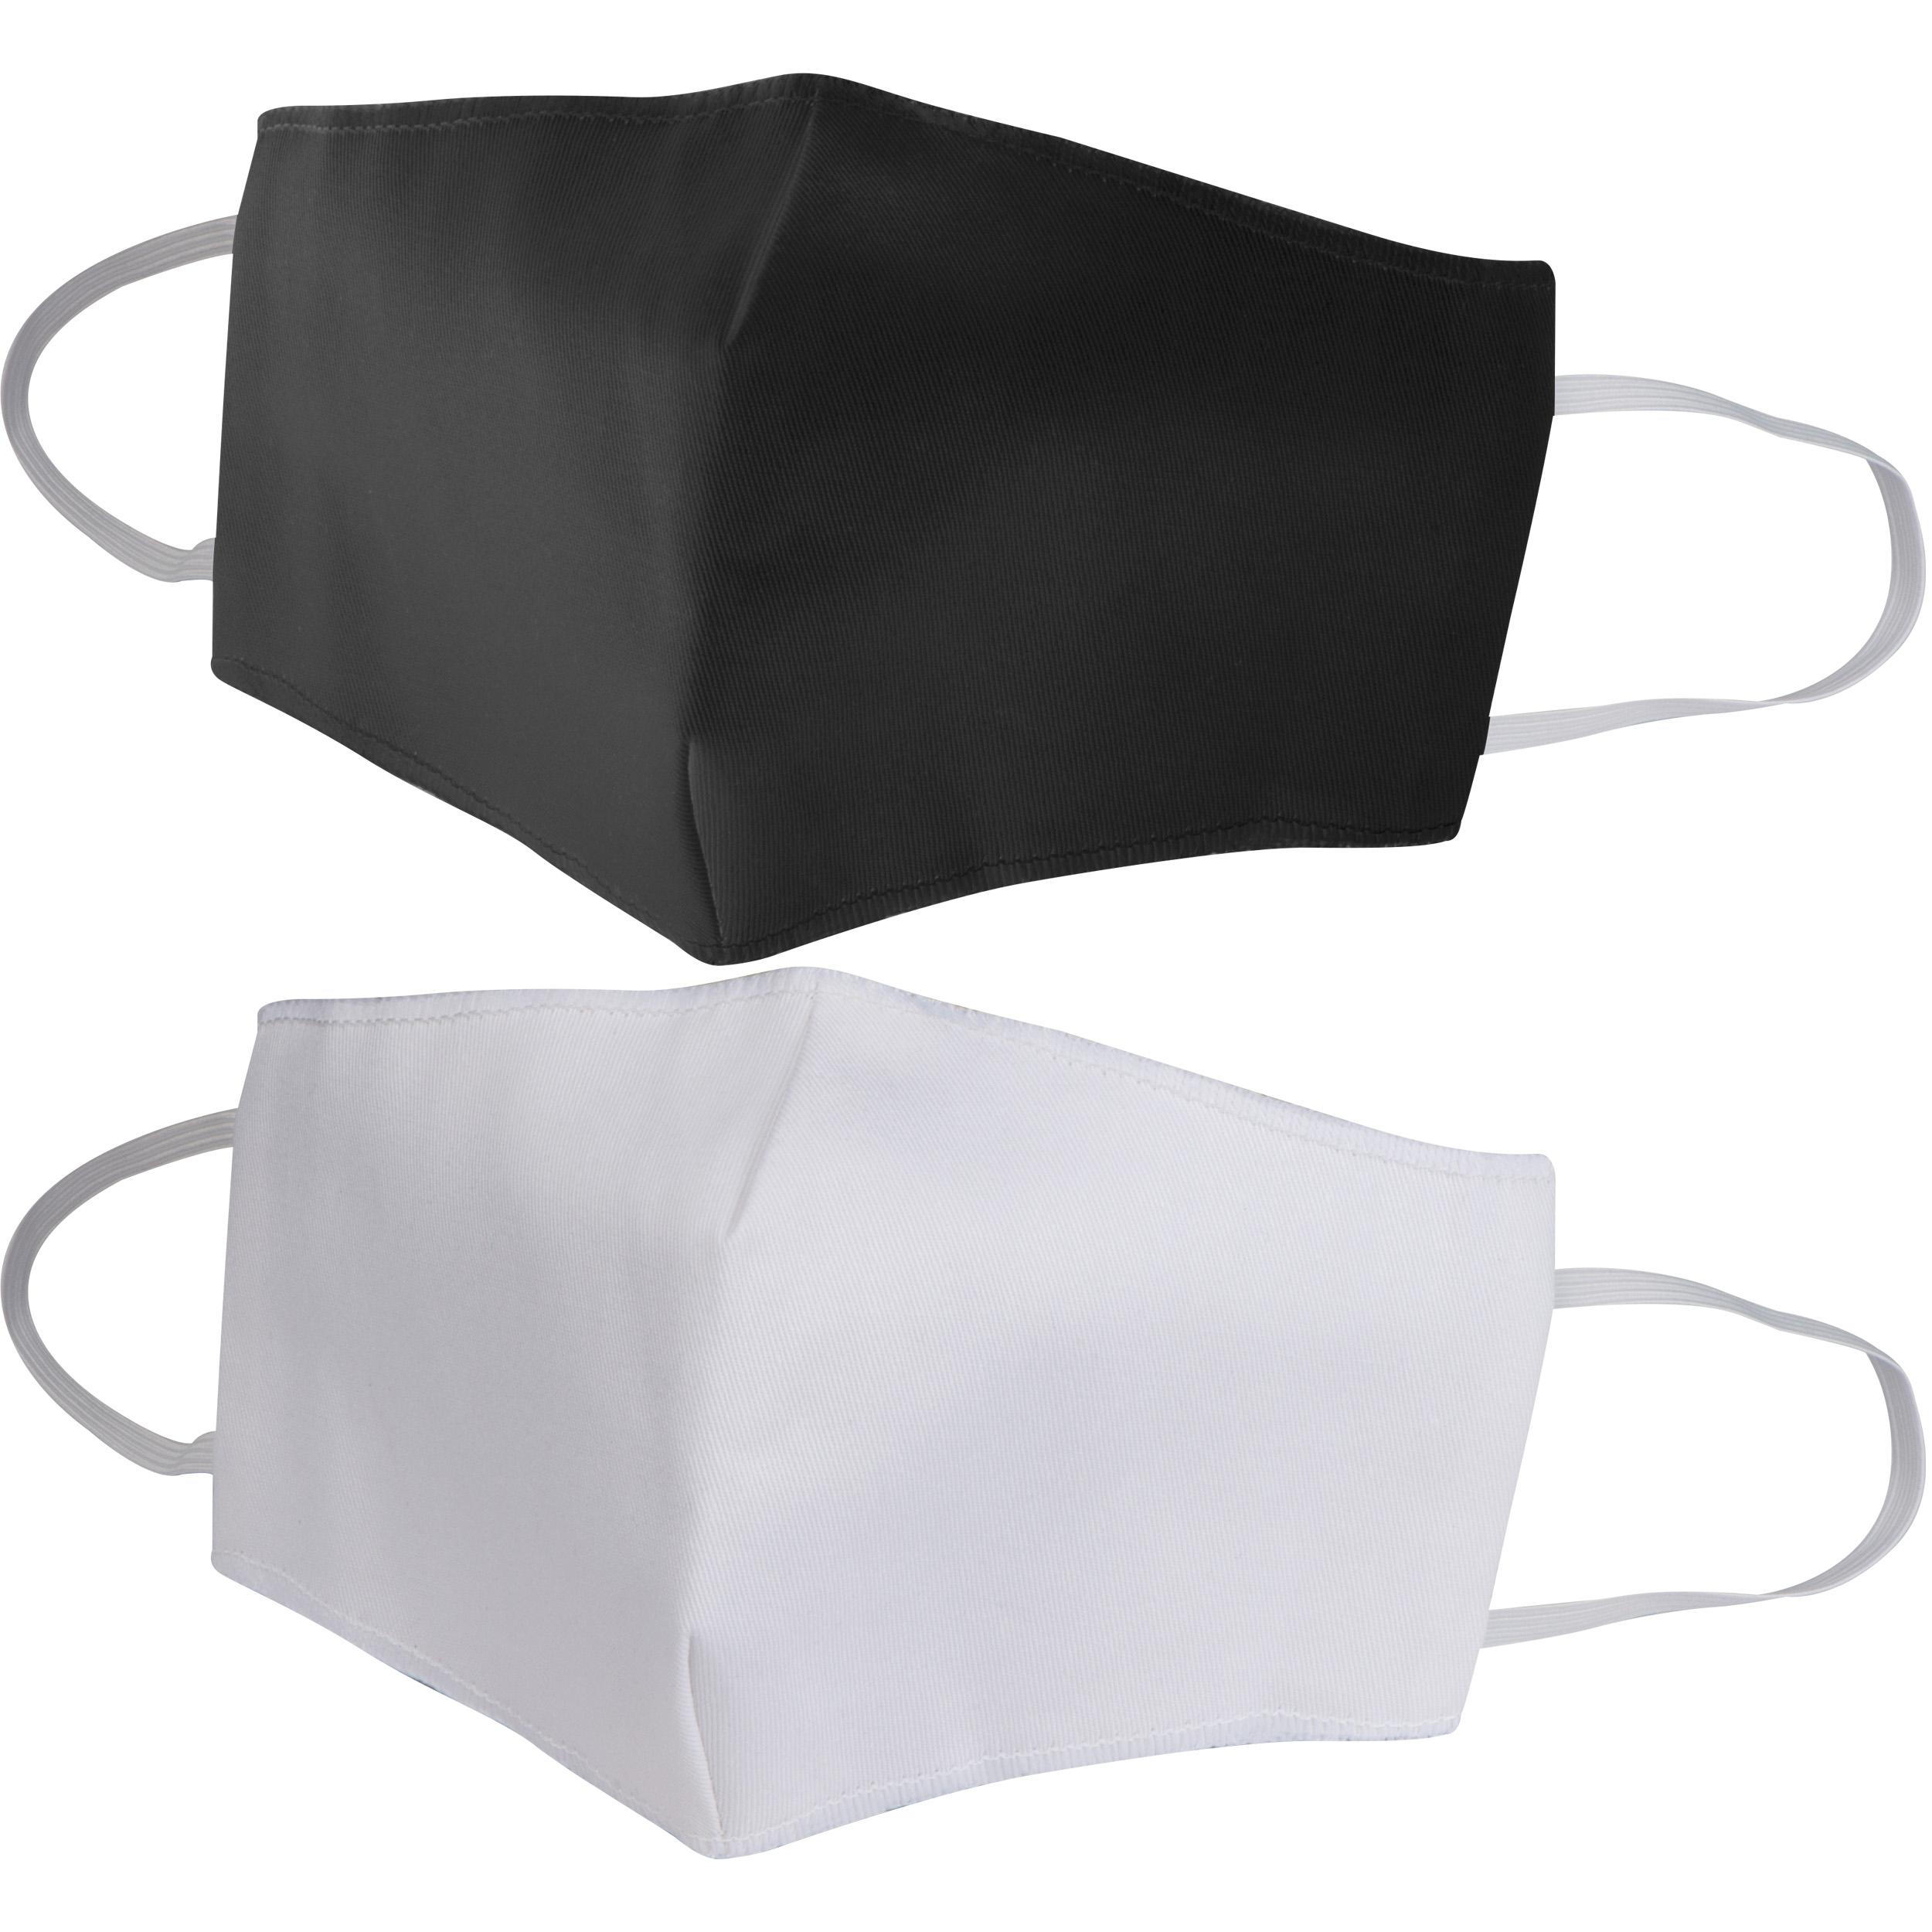 Gesichtsmaske aus Baumwolle